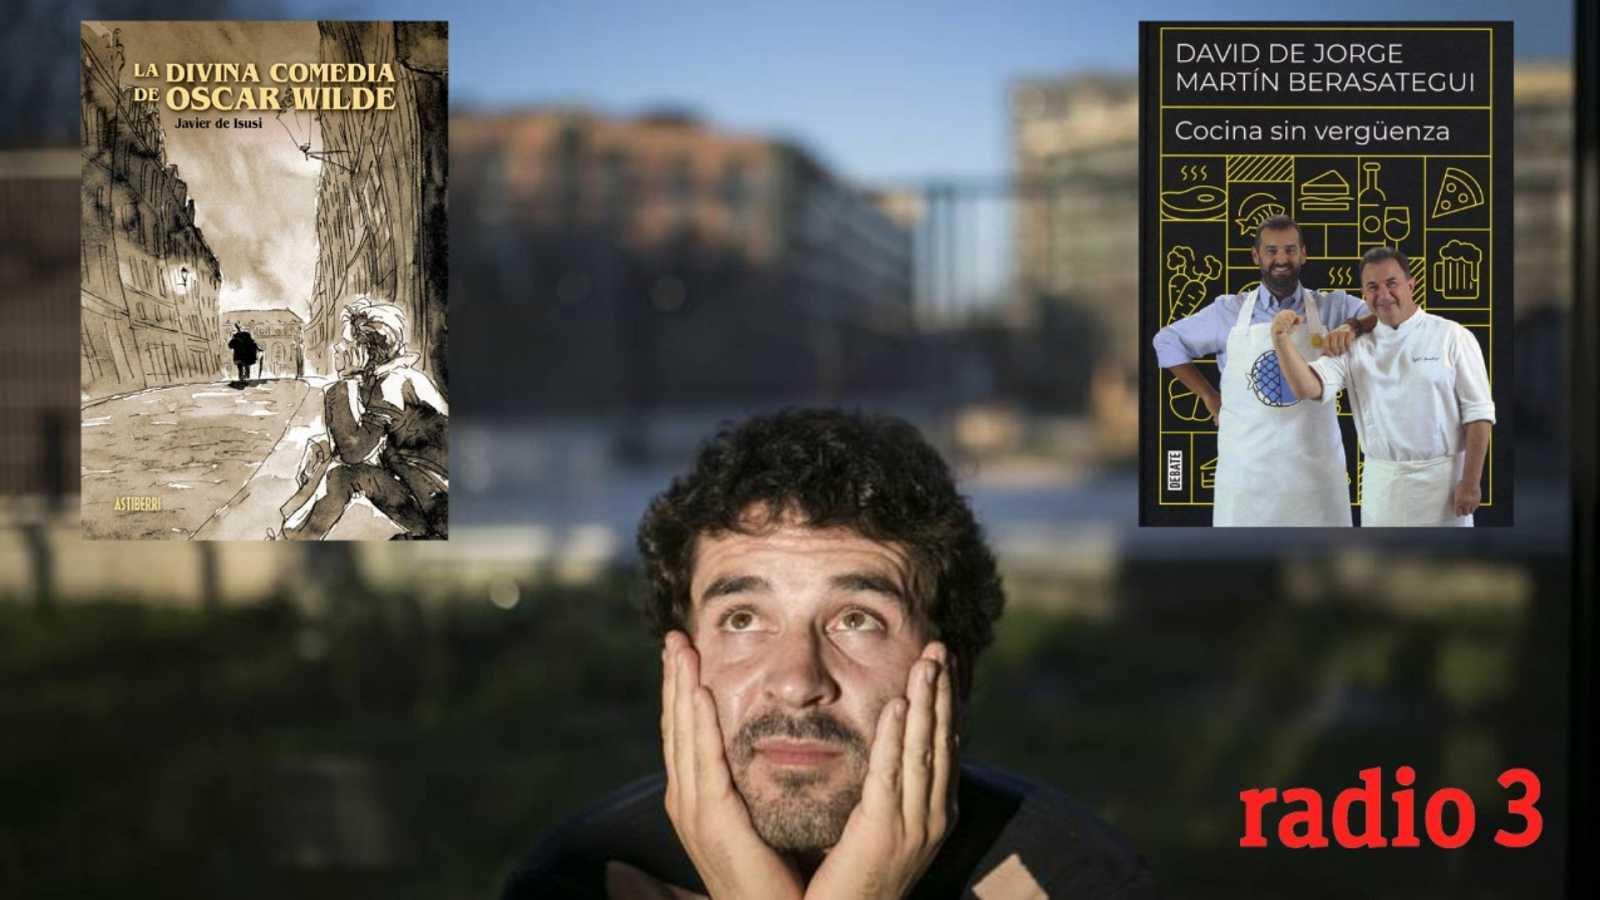 Hoy empieza todo con Ángel Carmona - La Divina Comedia, RobinFood y El Petit de Cal Eril - 03/12/20 - escuchar ahora